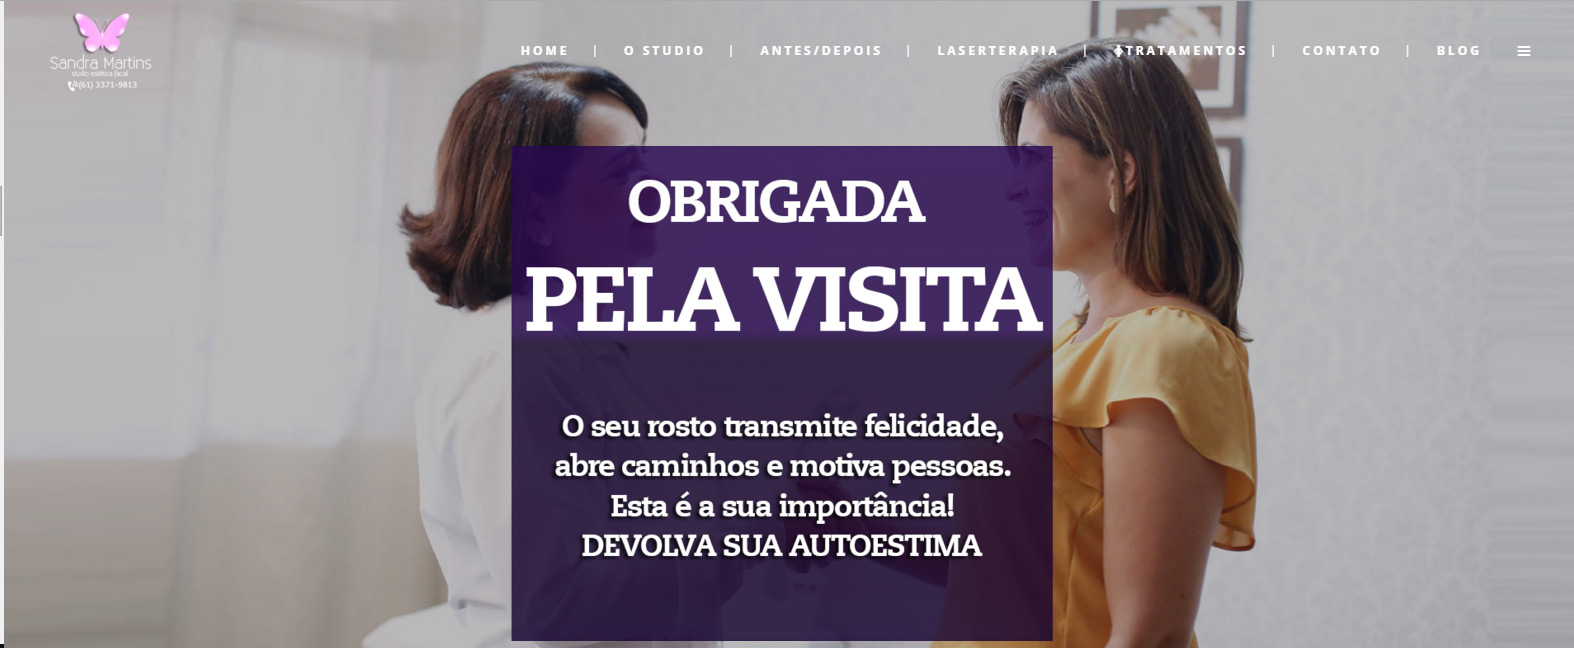 fotografia-publicitaria-linha-editorial-3